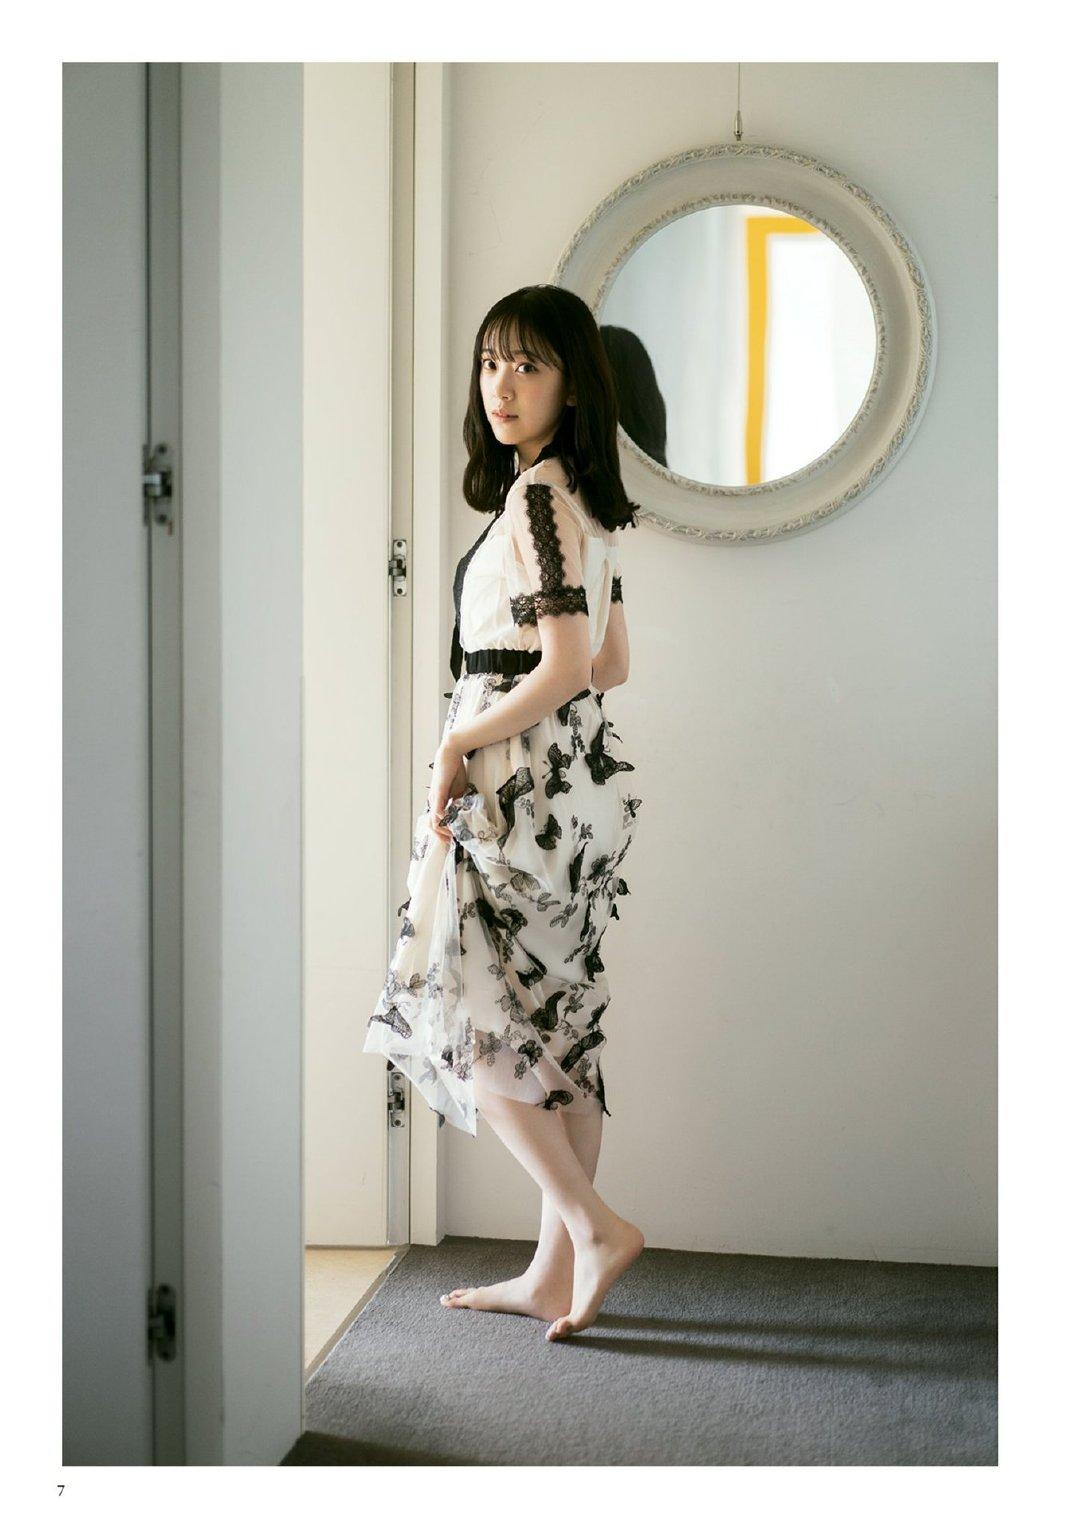 坂道系大合集第29弹